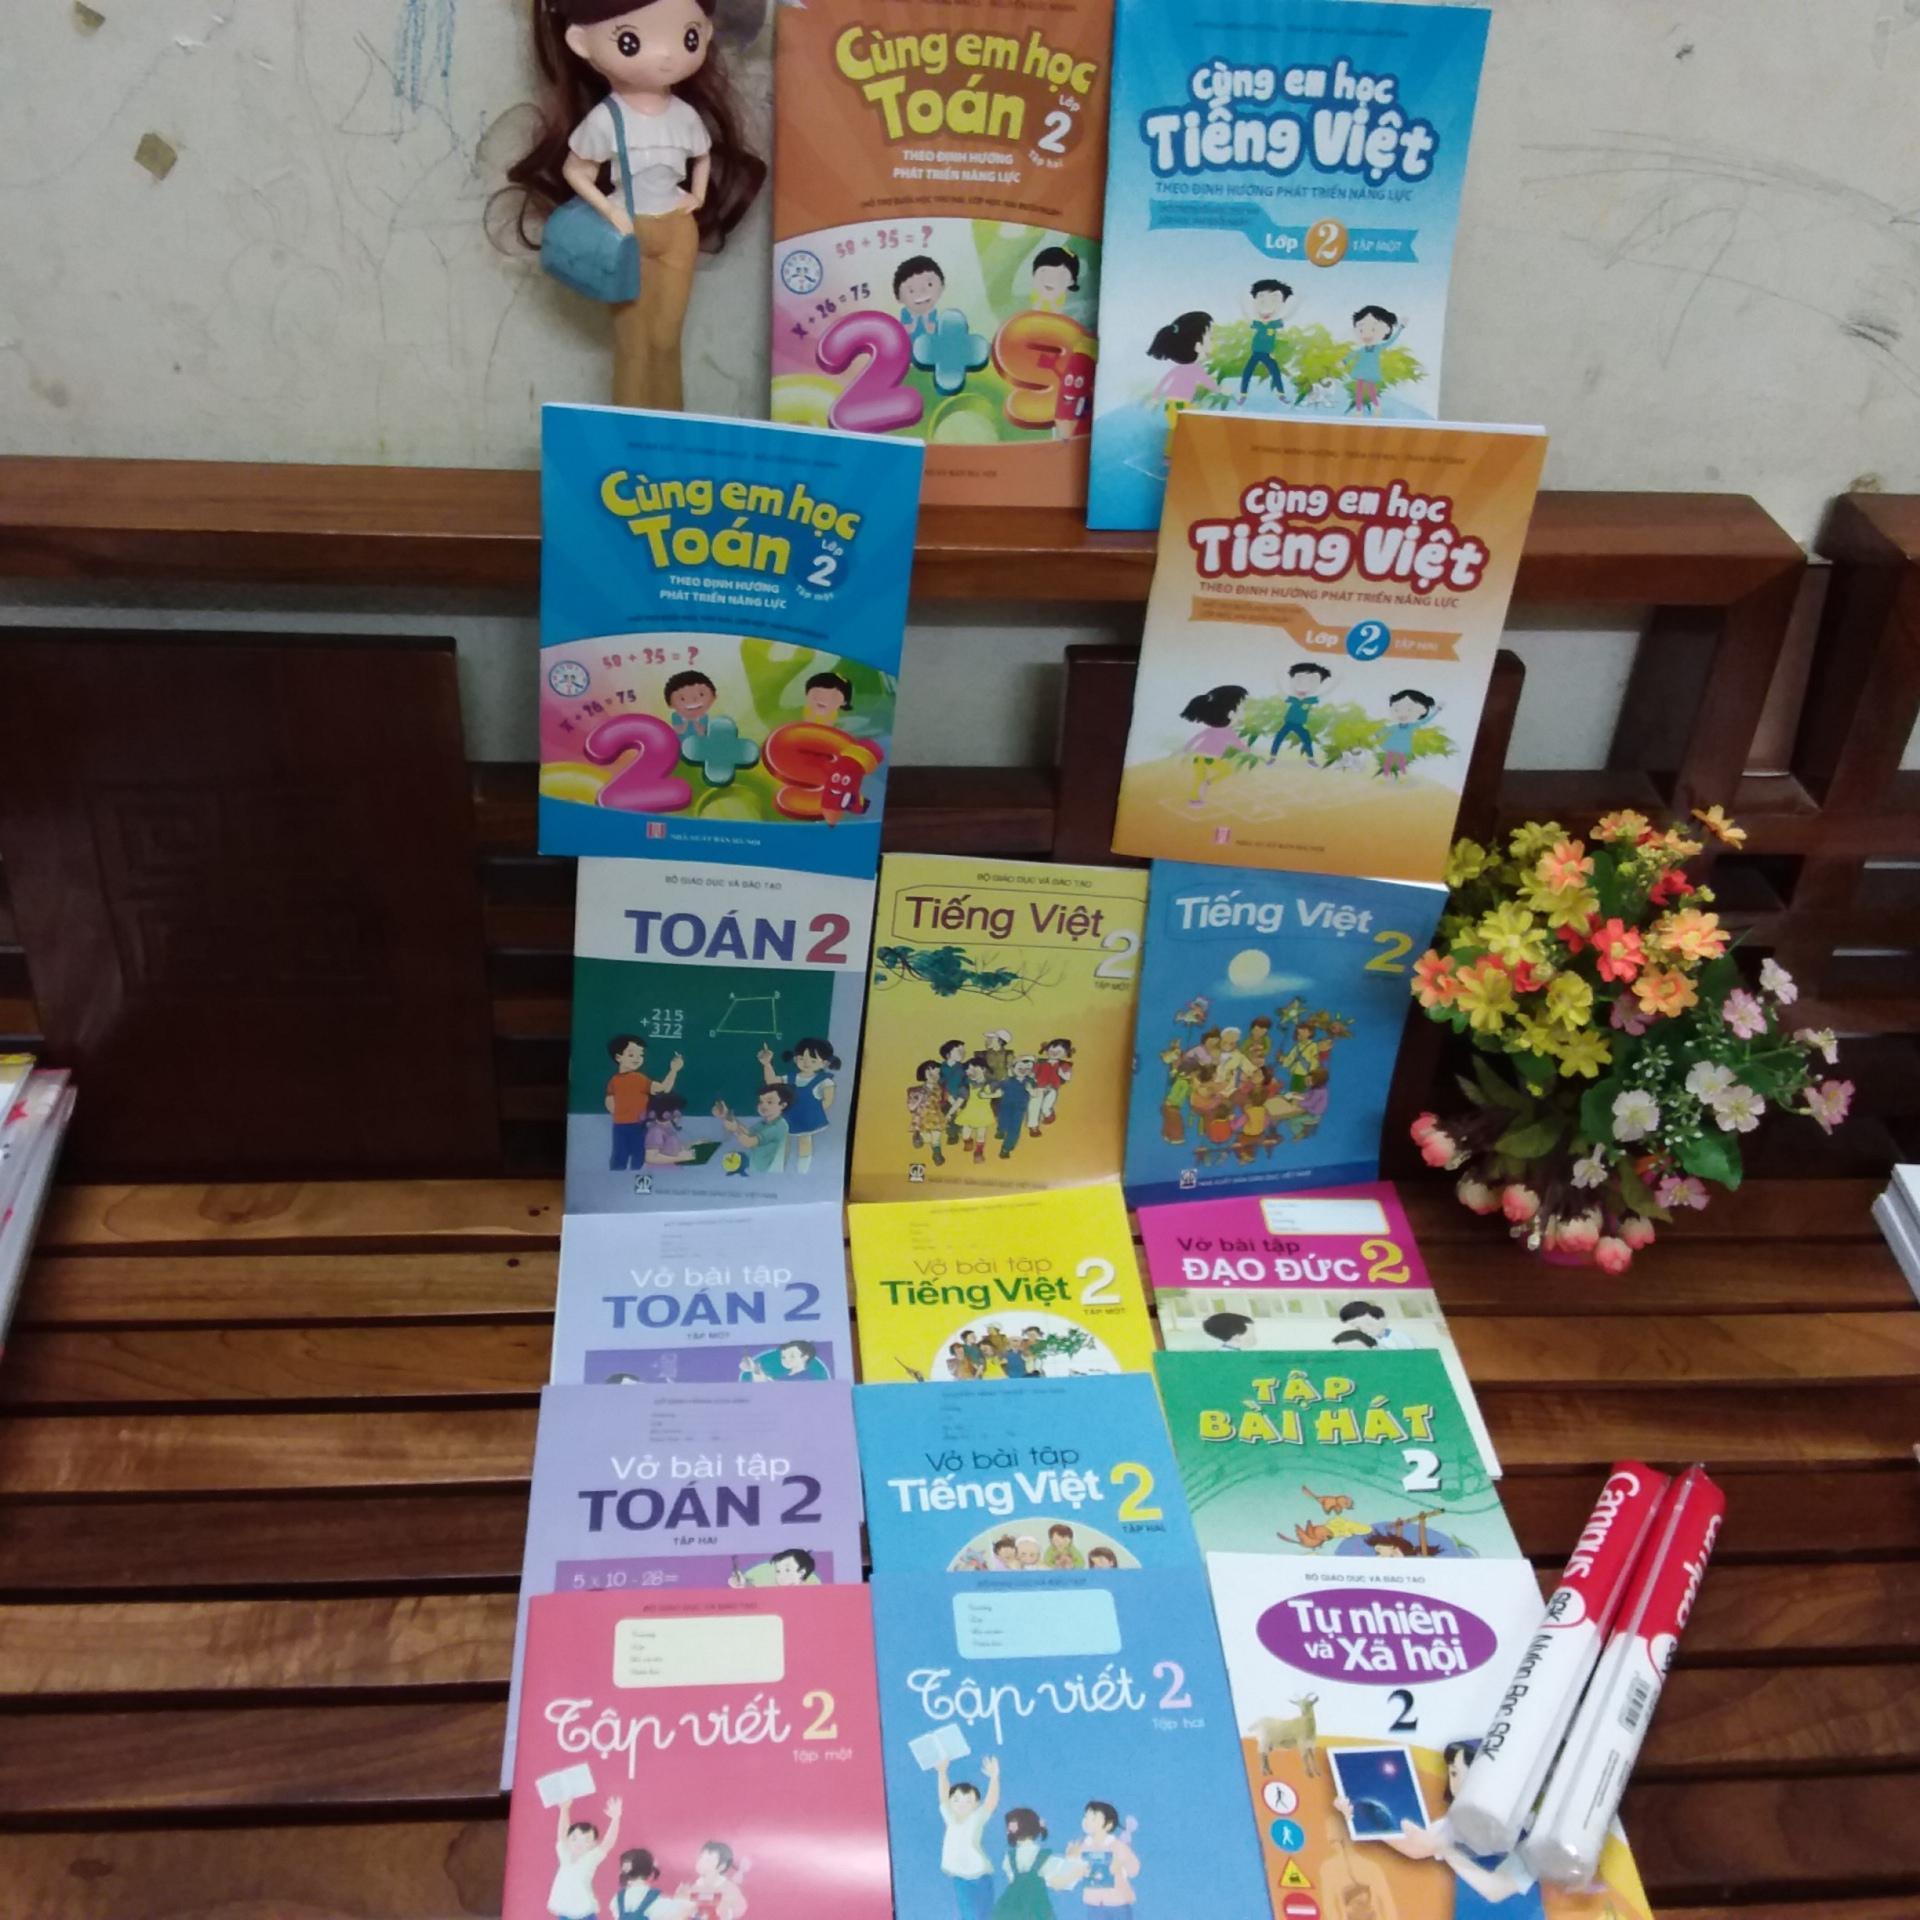 Mua Bộ sách giáo khoa lớp 2 ( gồm 16 cuốn +2 tập bọc sách giáo khoa )